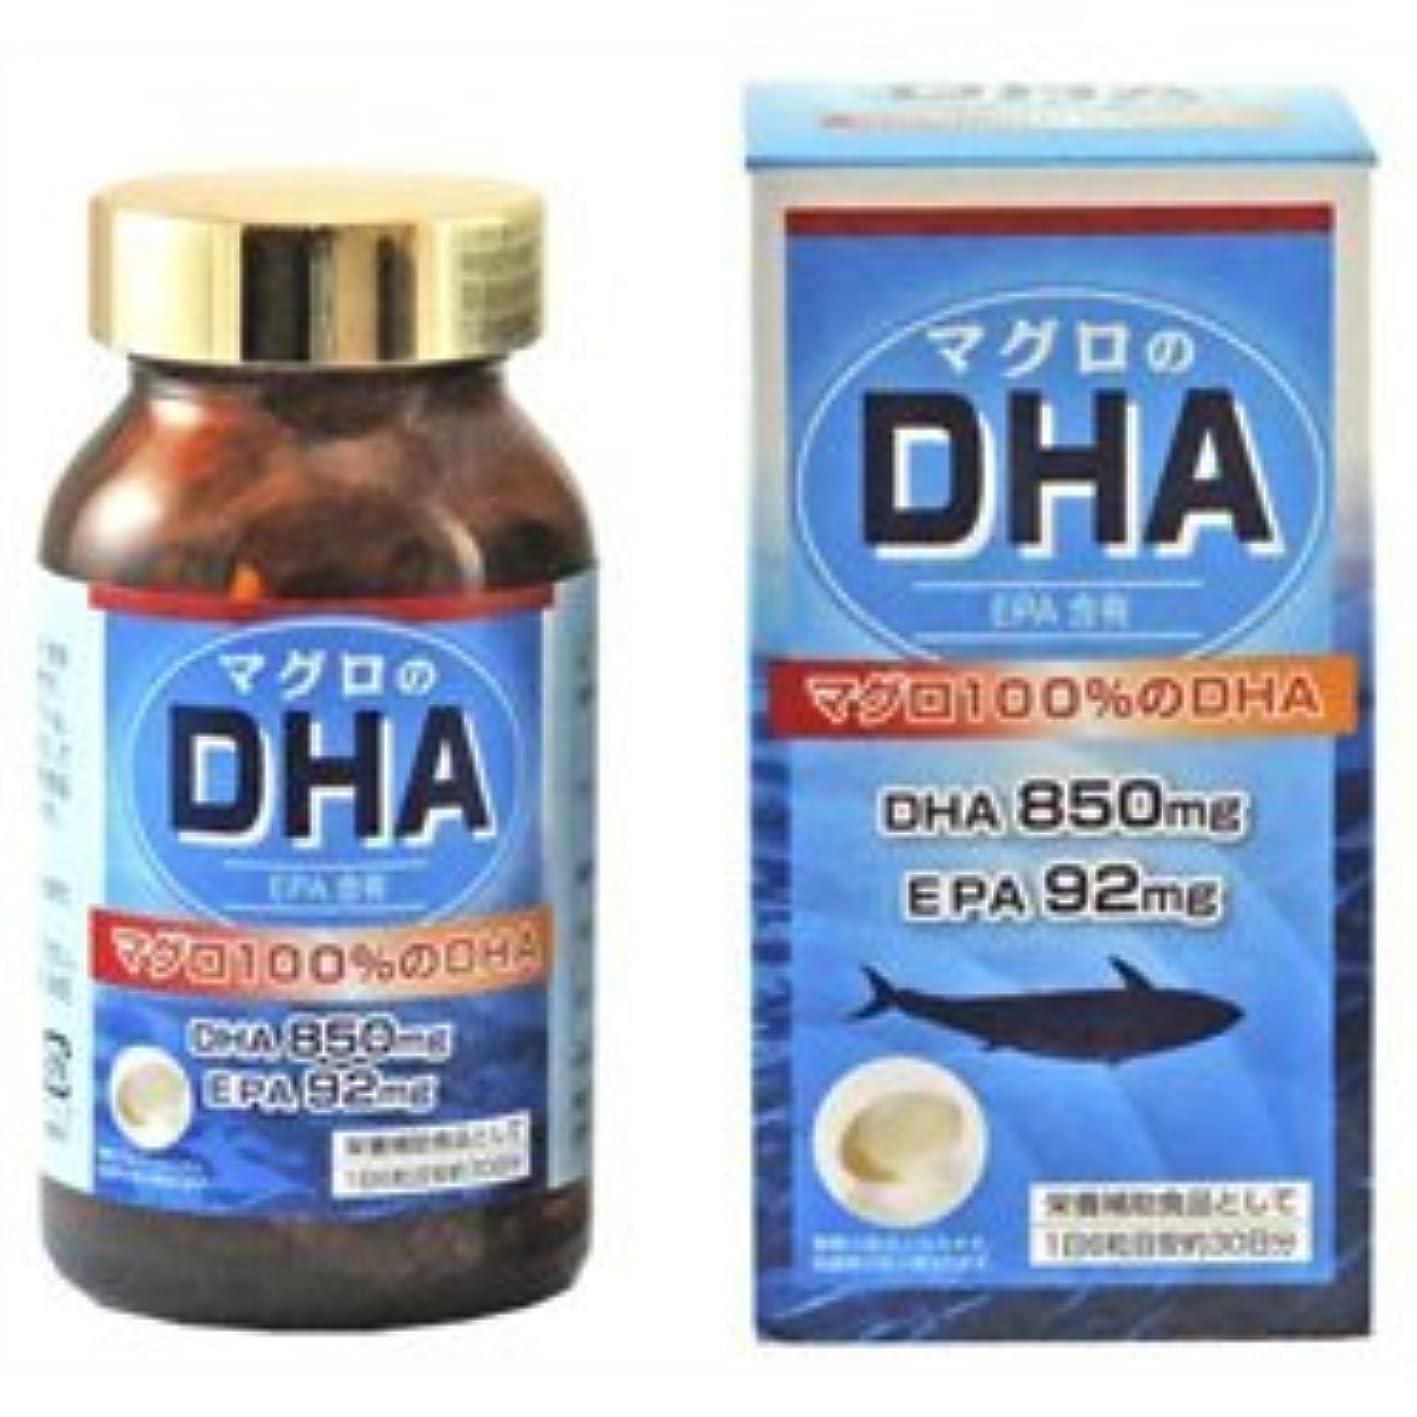 トークン靴下指定する【ユニマットリケン】DHA850 180粒 ×3個セット